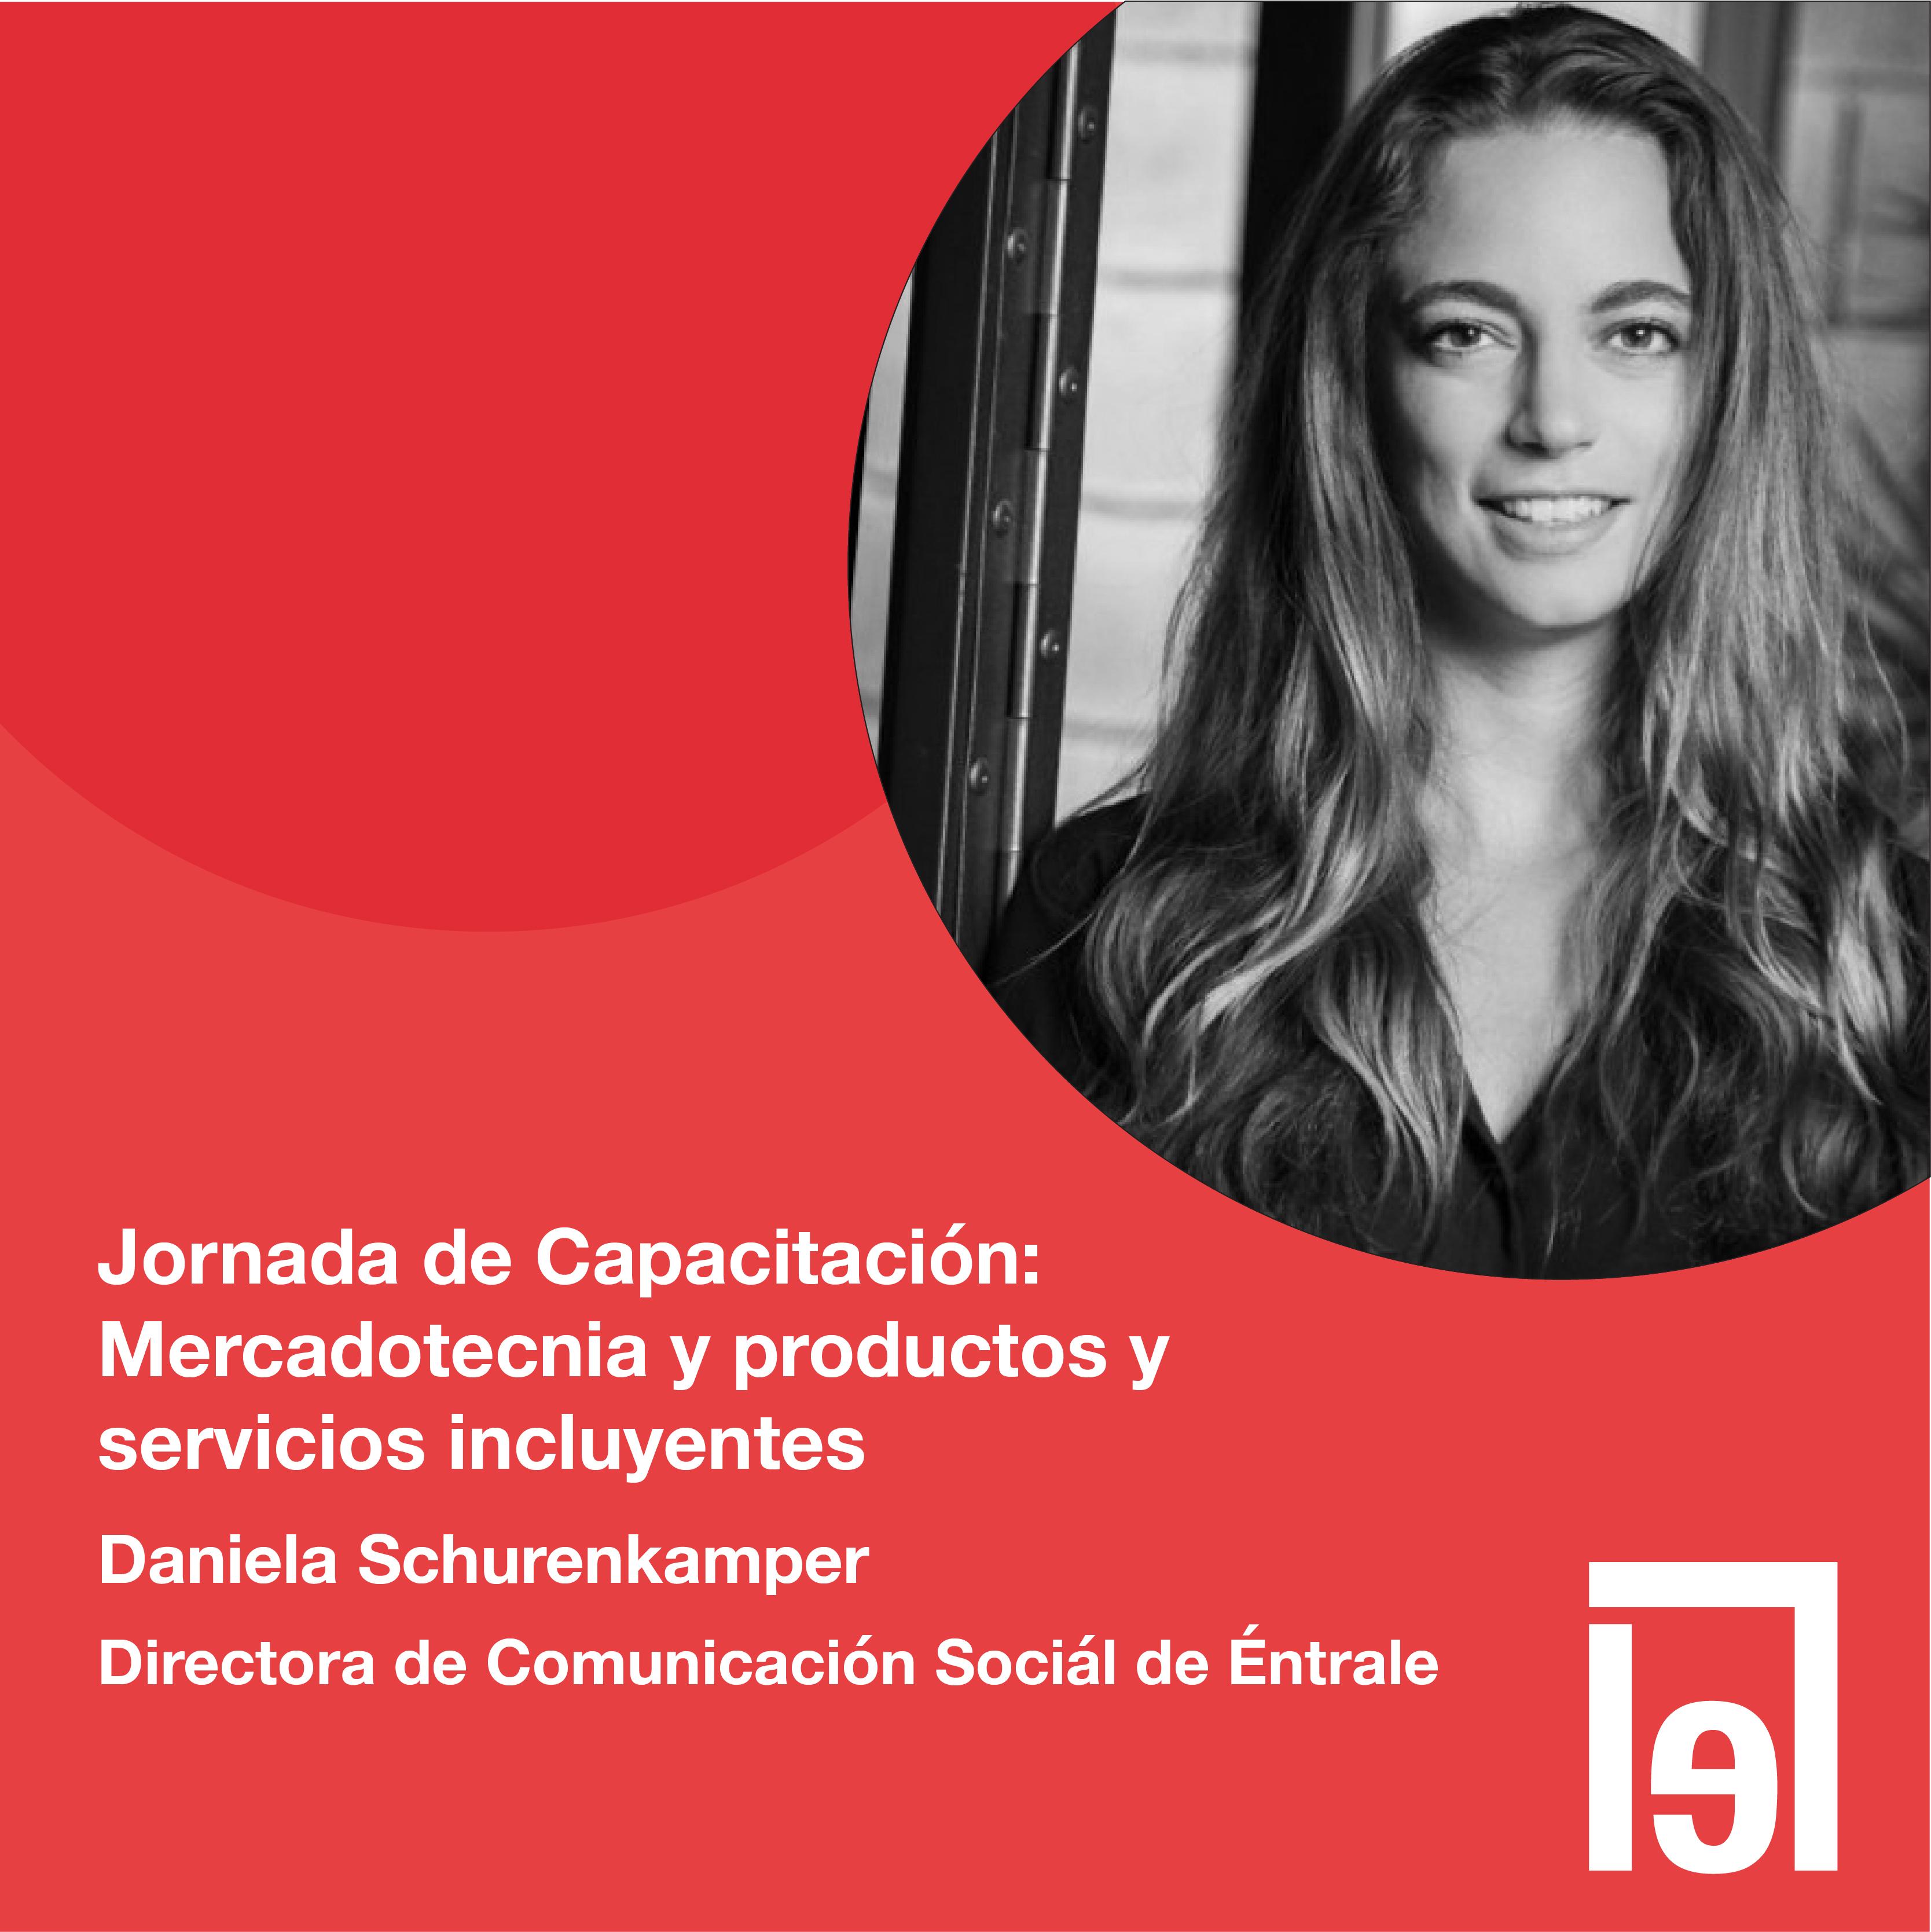 Fotografía en blanco y negro de Daniela Schurenkamper, Directora de Comunicación Social de éntrale, Resumen de Jornada de Capacitación Mercadotecnia y productos y servicios incluyentes